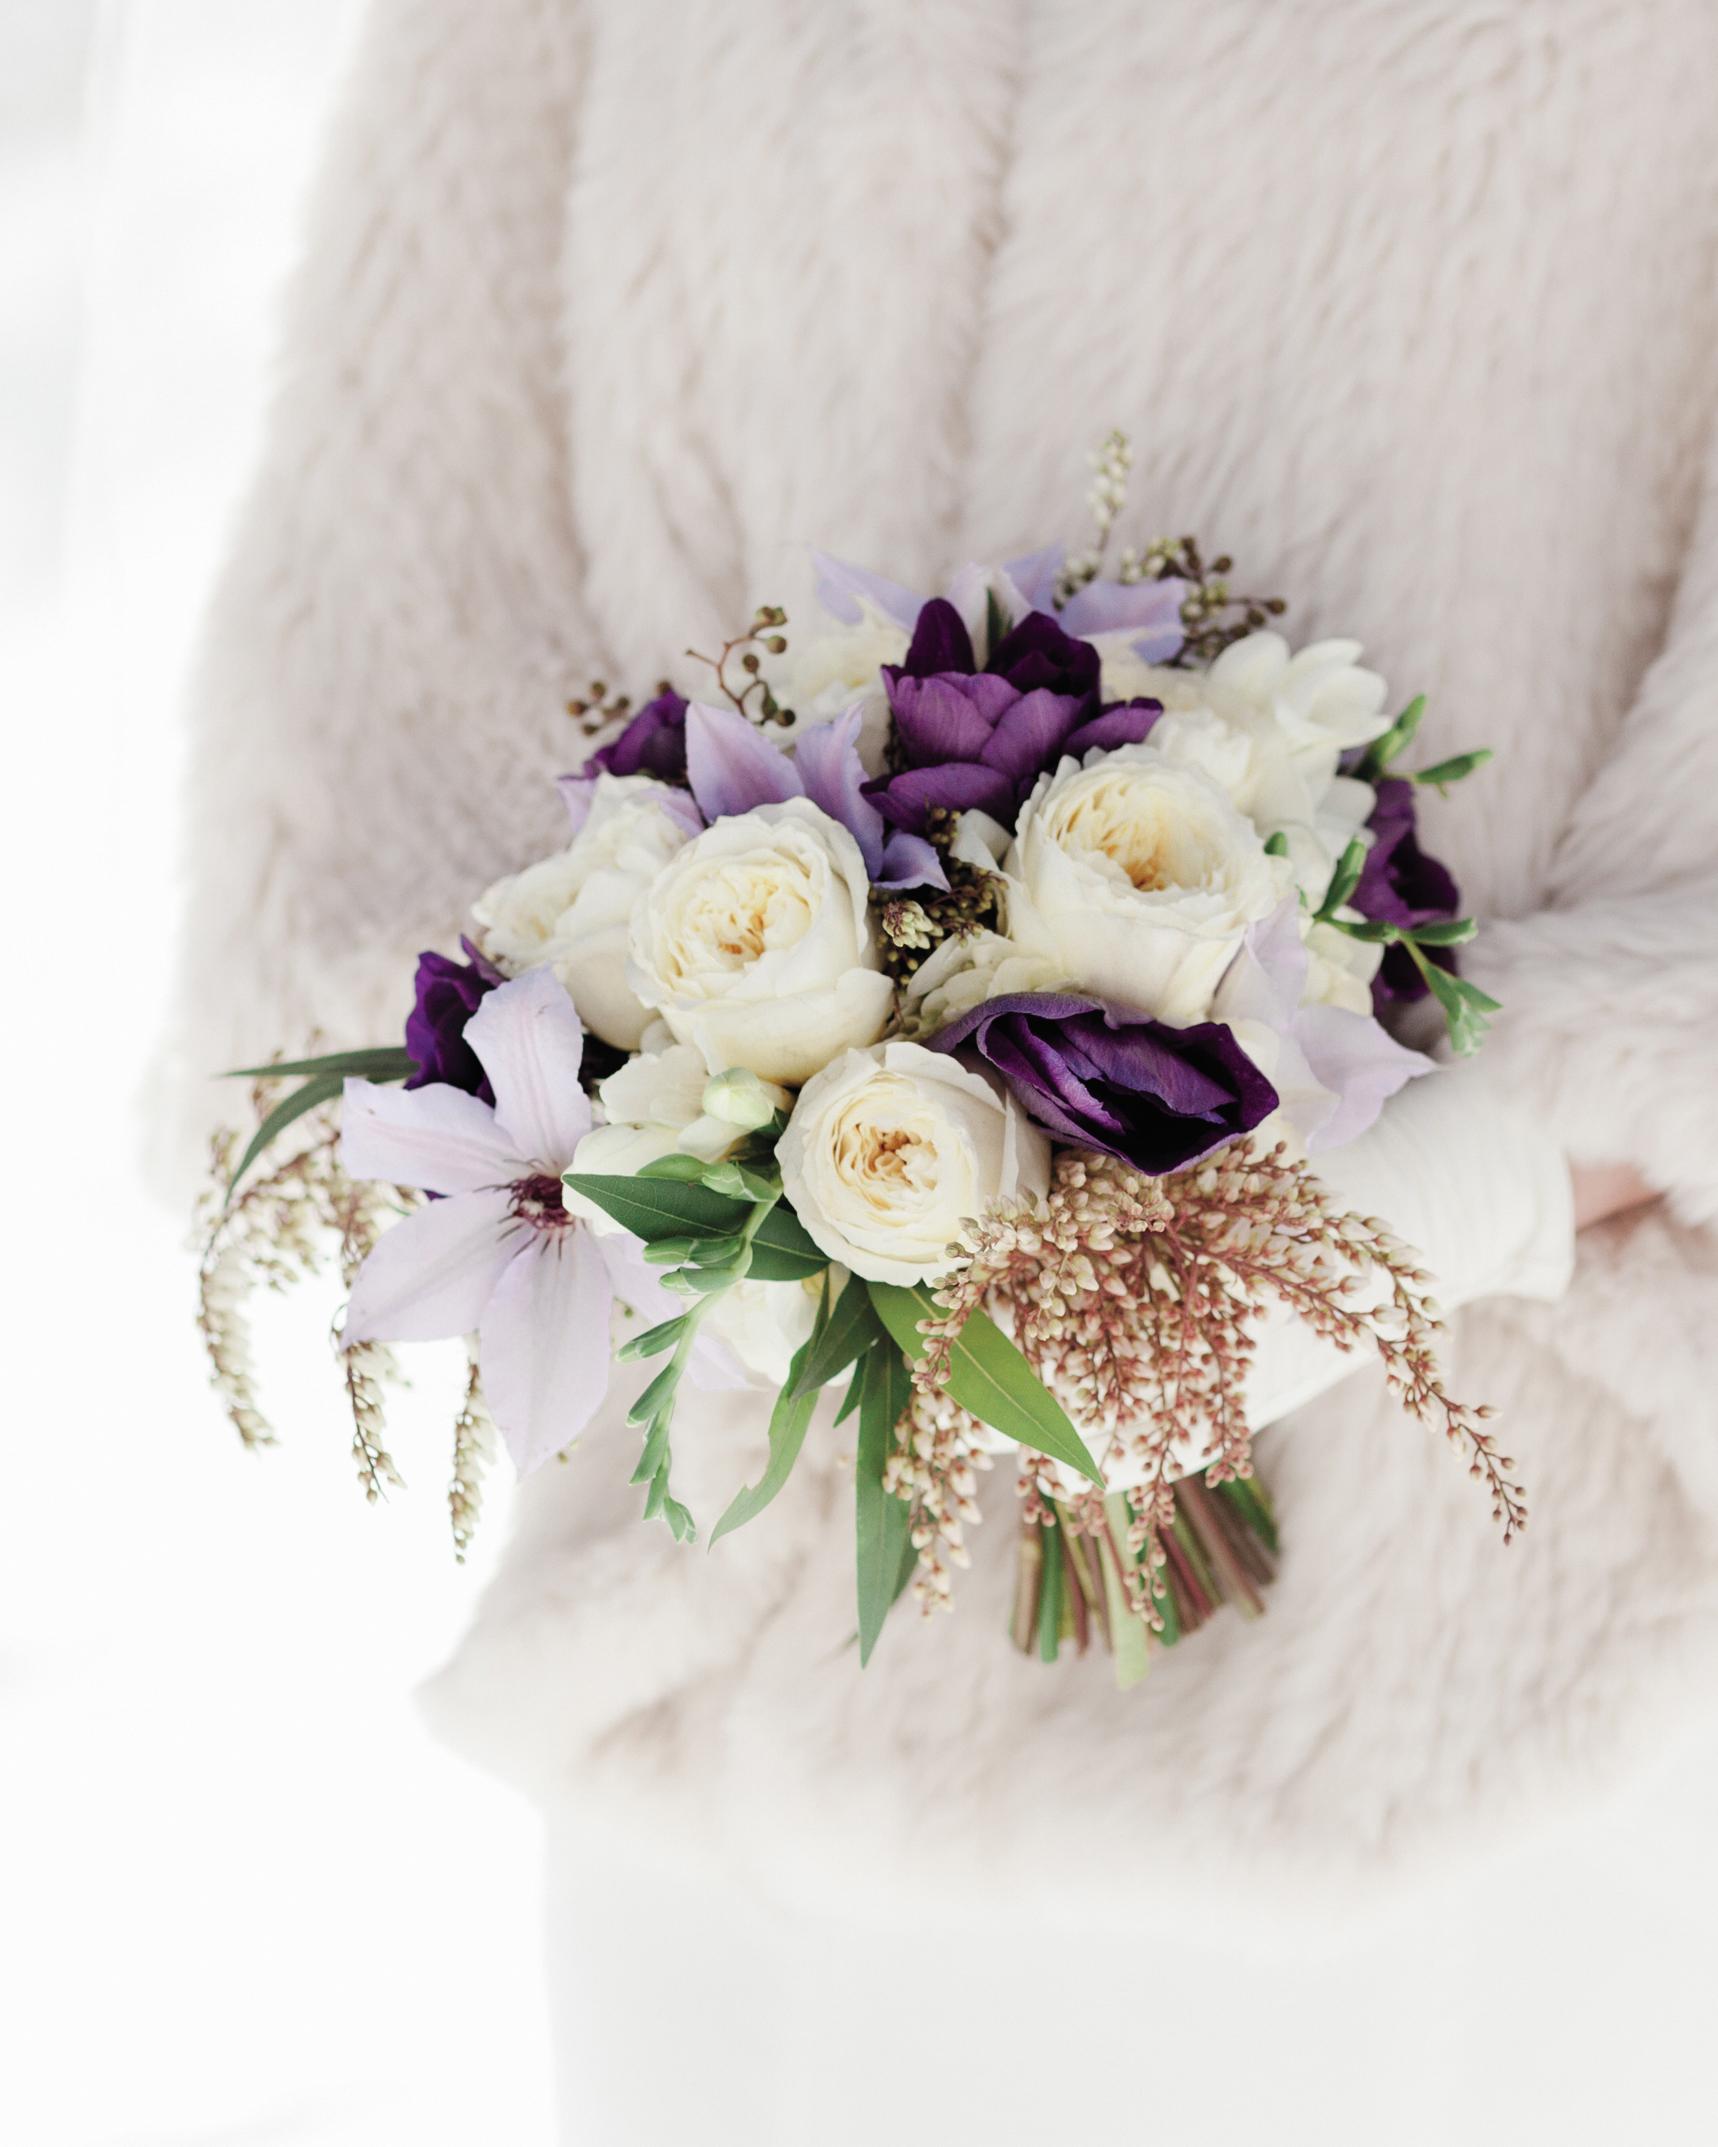 genevieve-eric-wedding-123-s111810.jpg